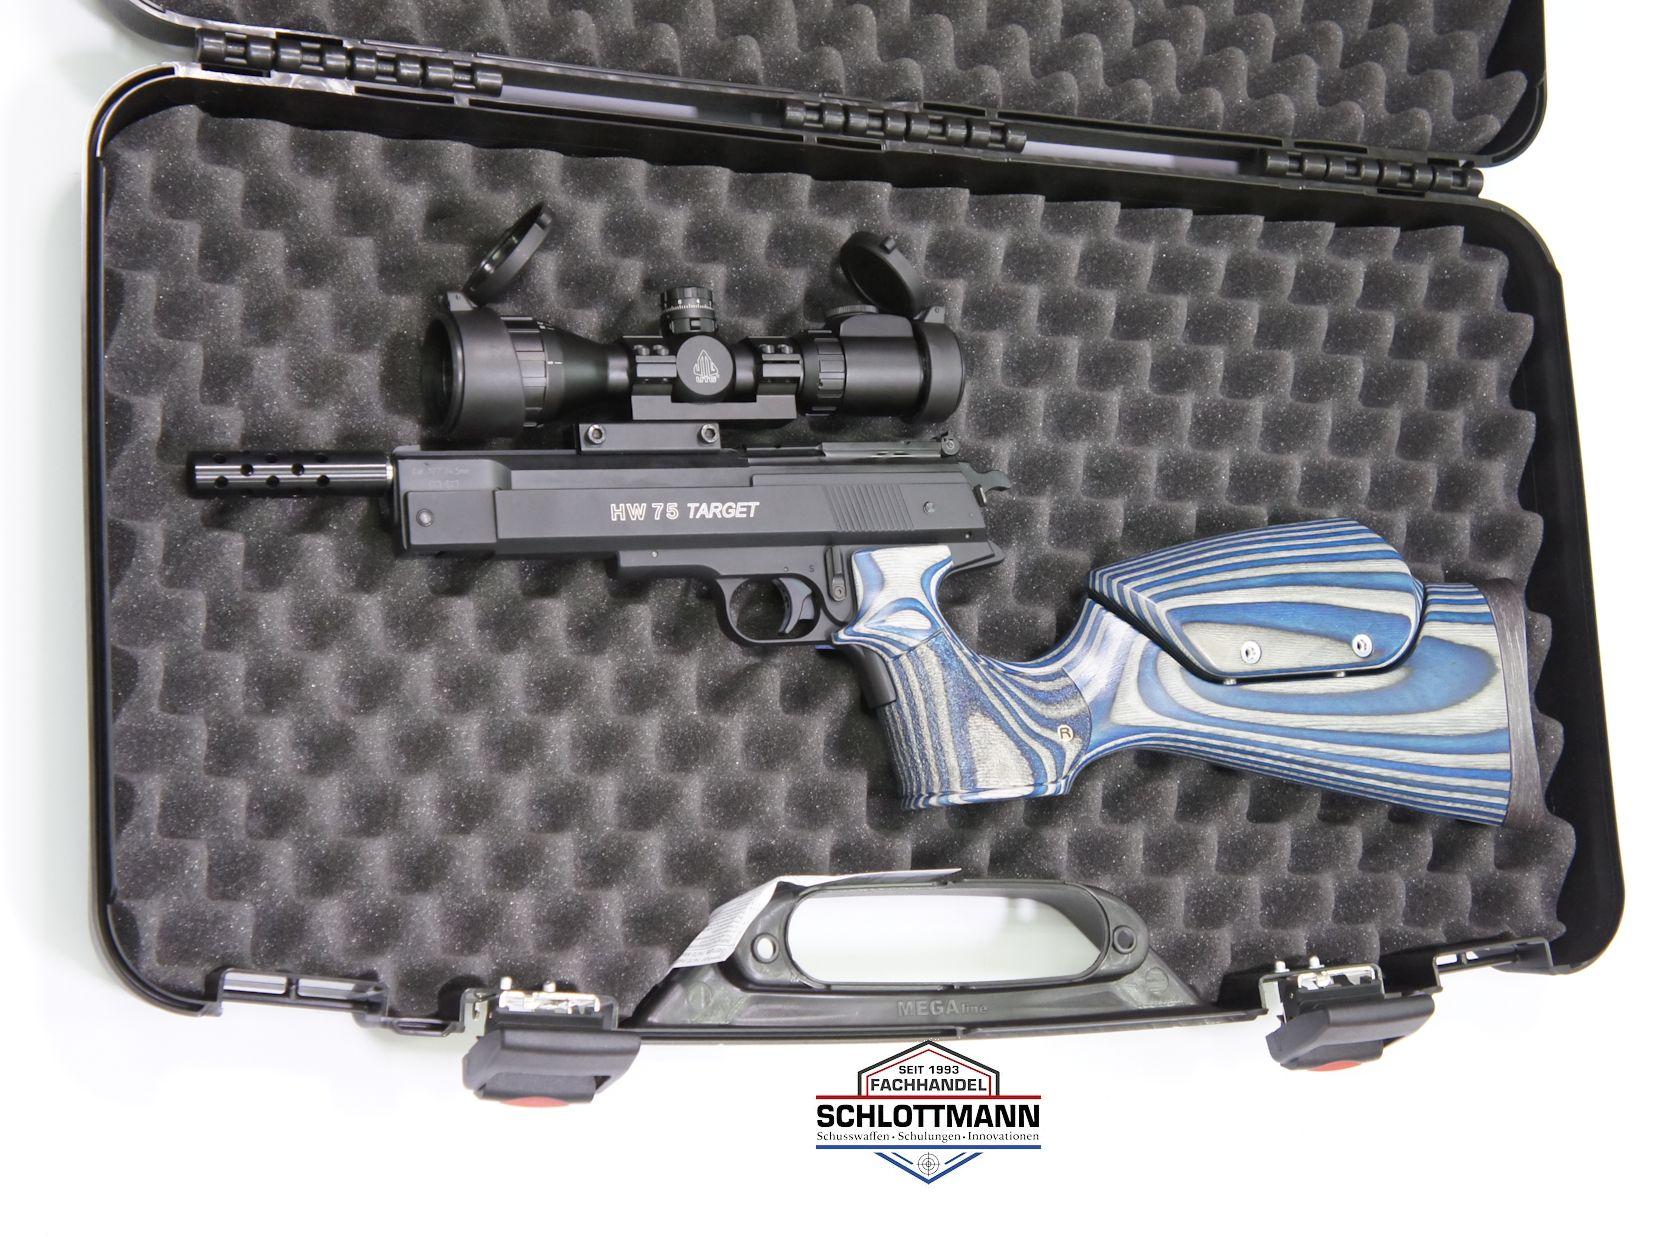 Für <a href=luftdruckpistolen.htm>  solch gute Waffen</a>, wie diese Luftpistole HW 75 Target, sollte man sich auch den passnden Koffer gönnen.